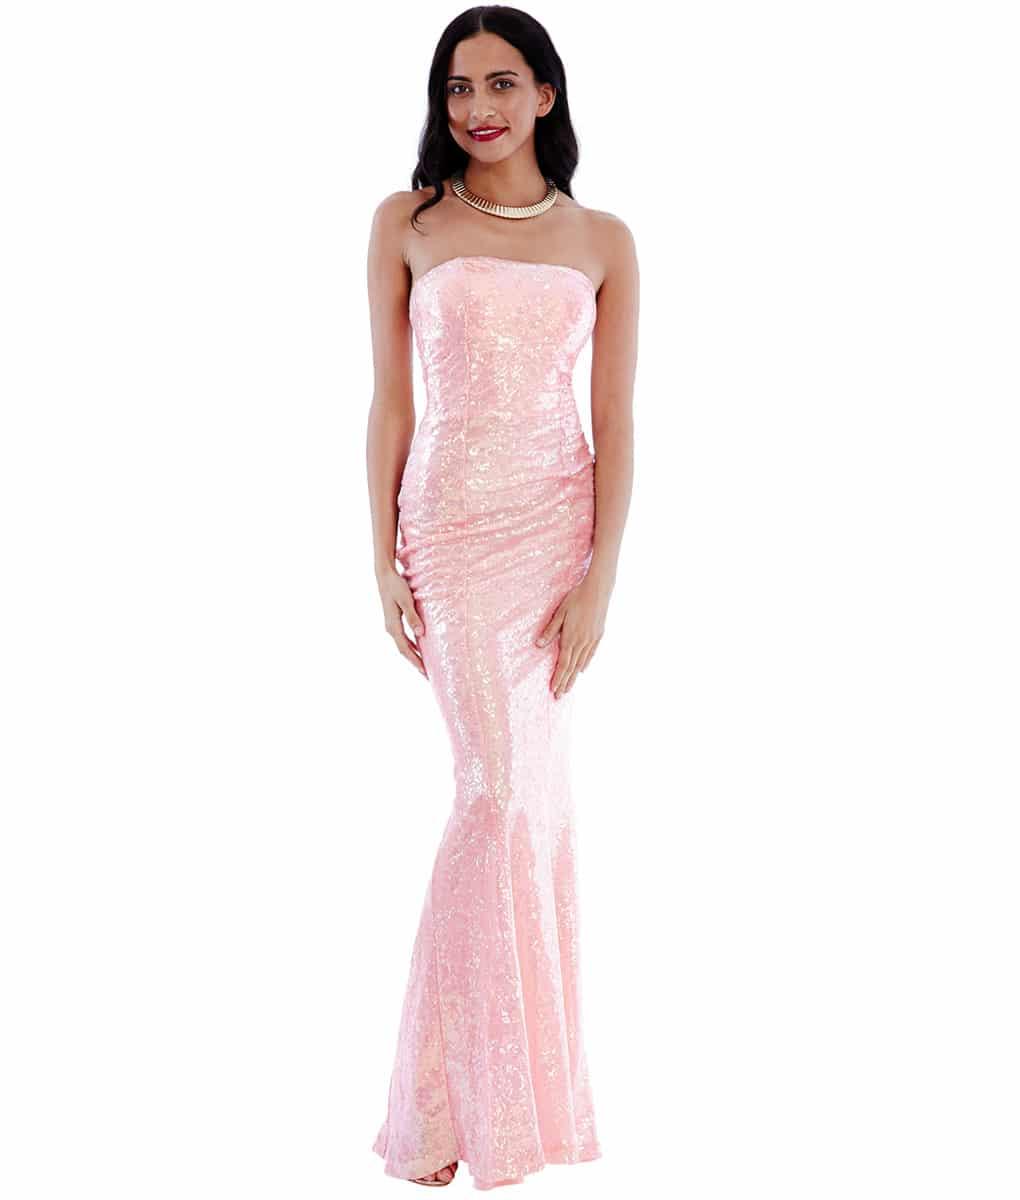 drbs dresses